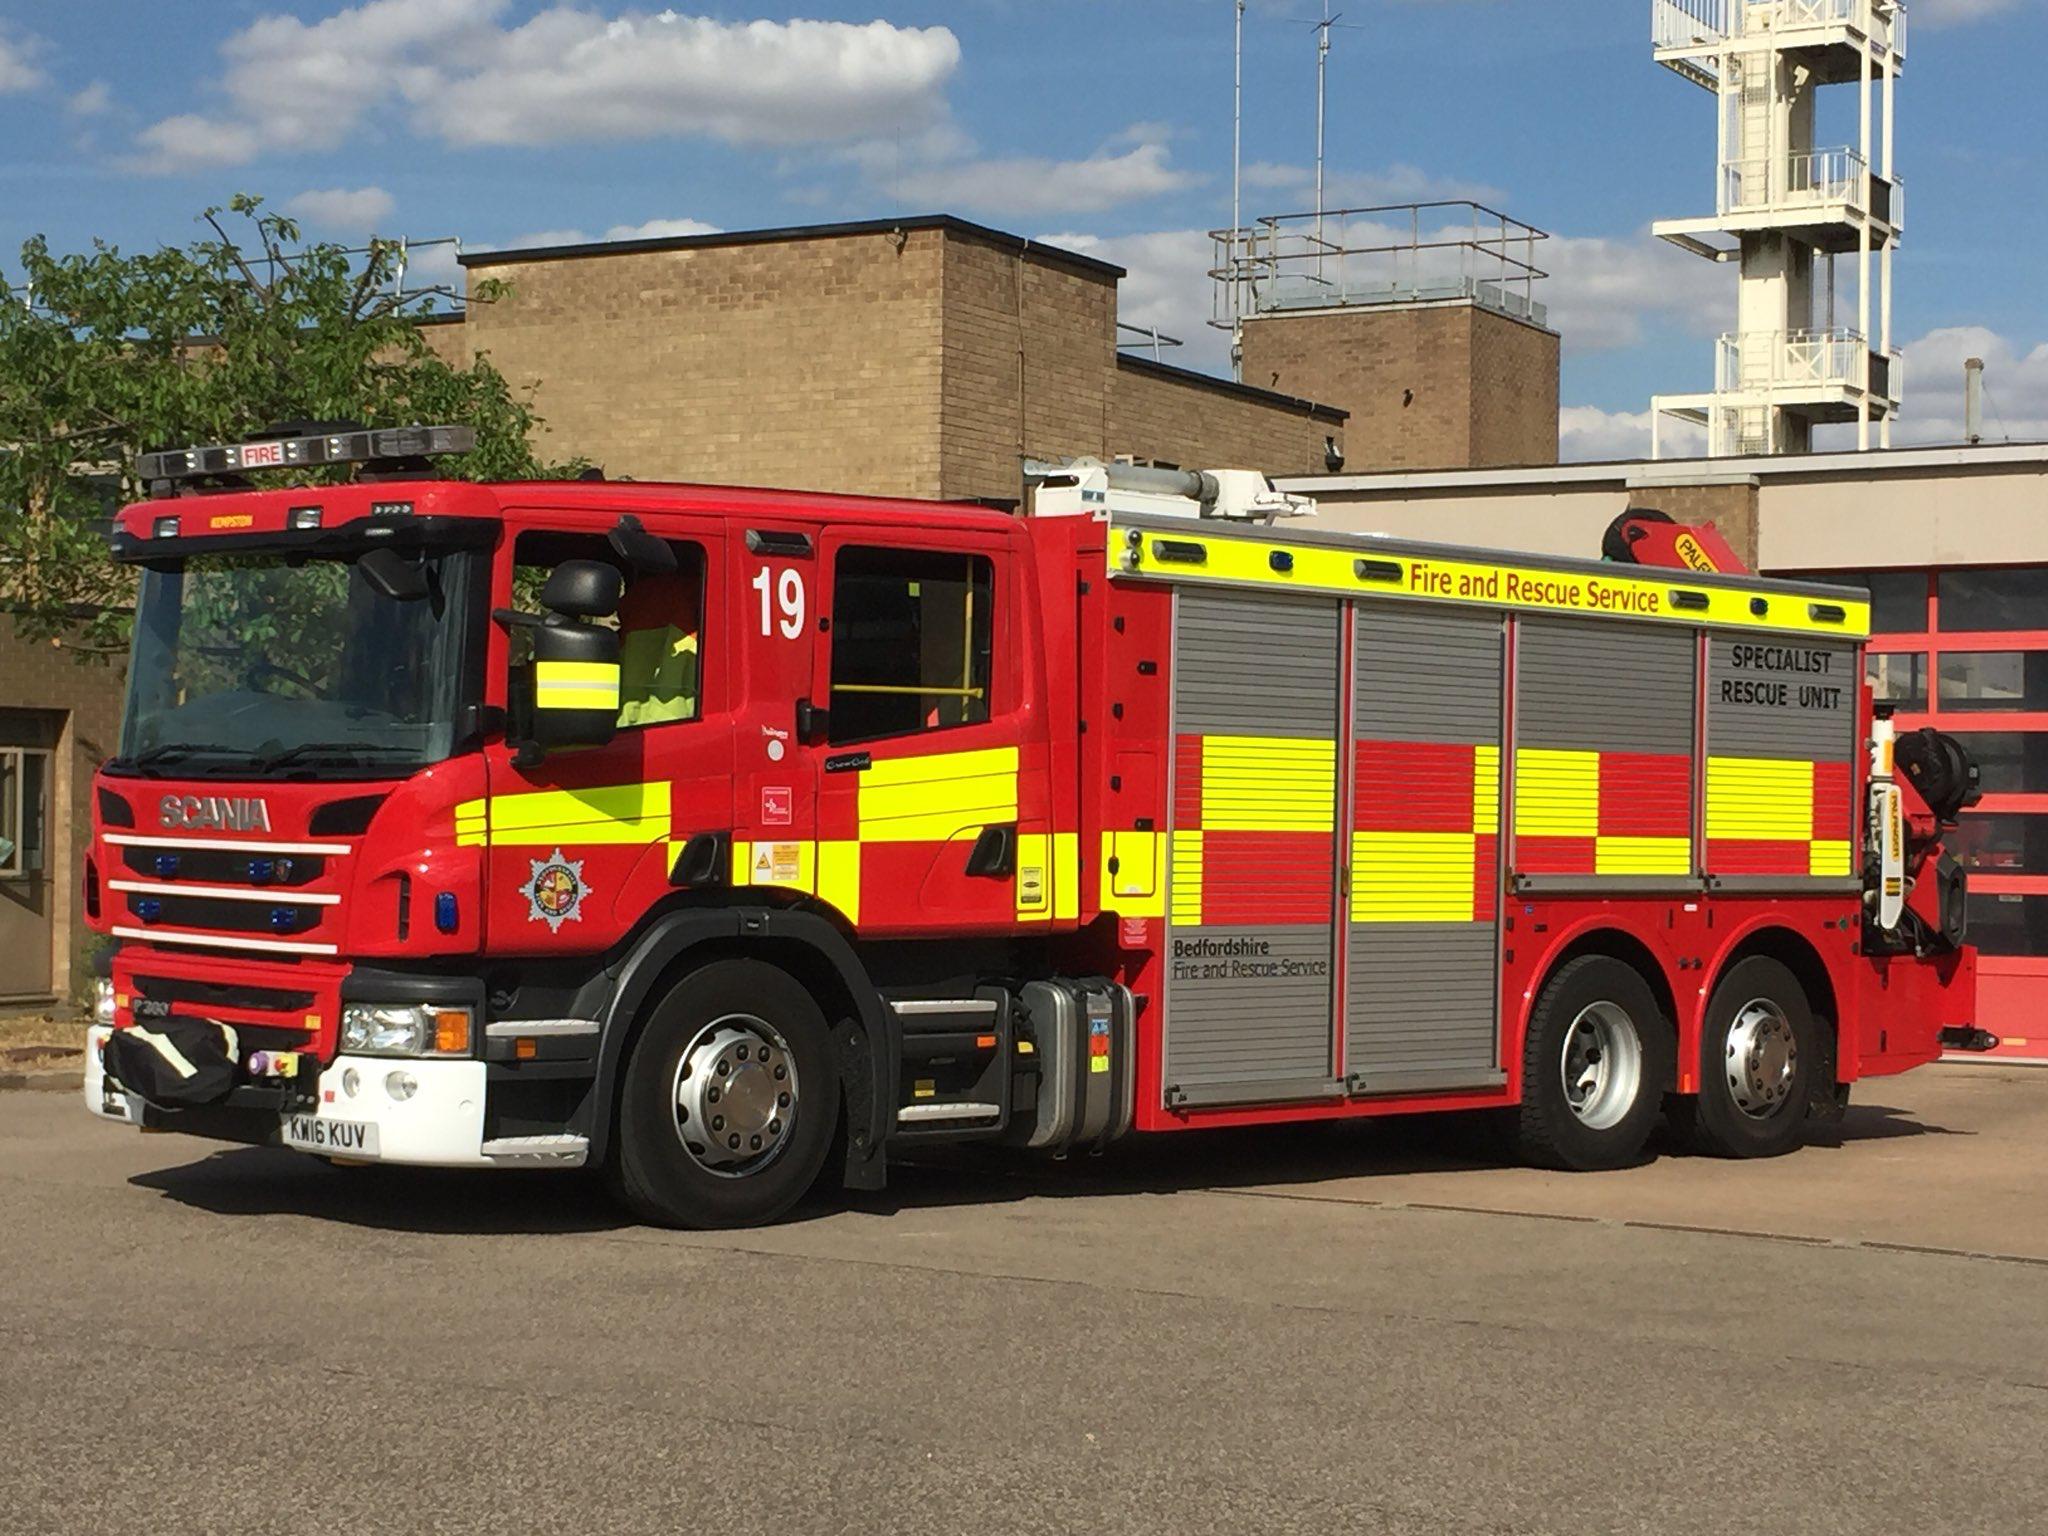 Kempston Community Fire Station Bedfordshire Uk Bedfordshire